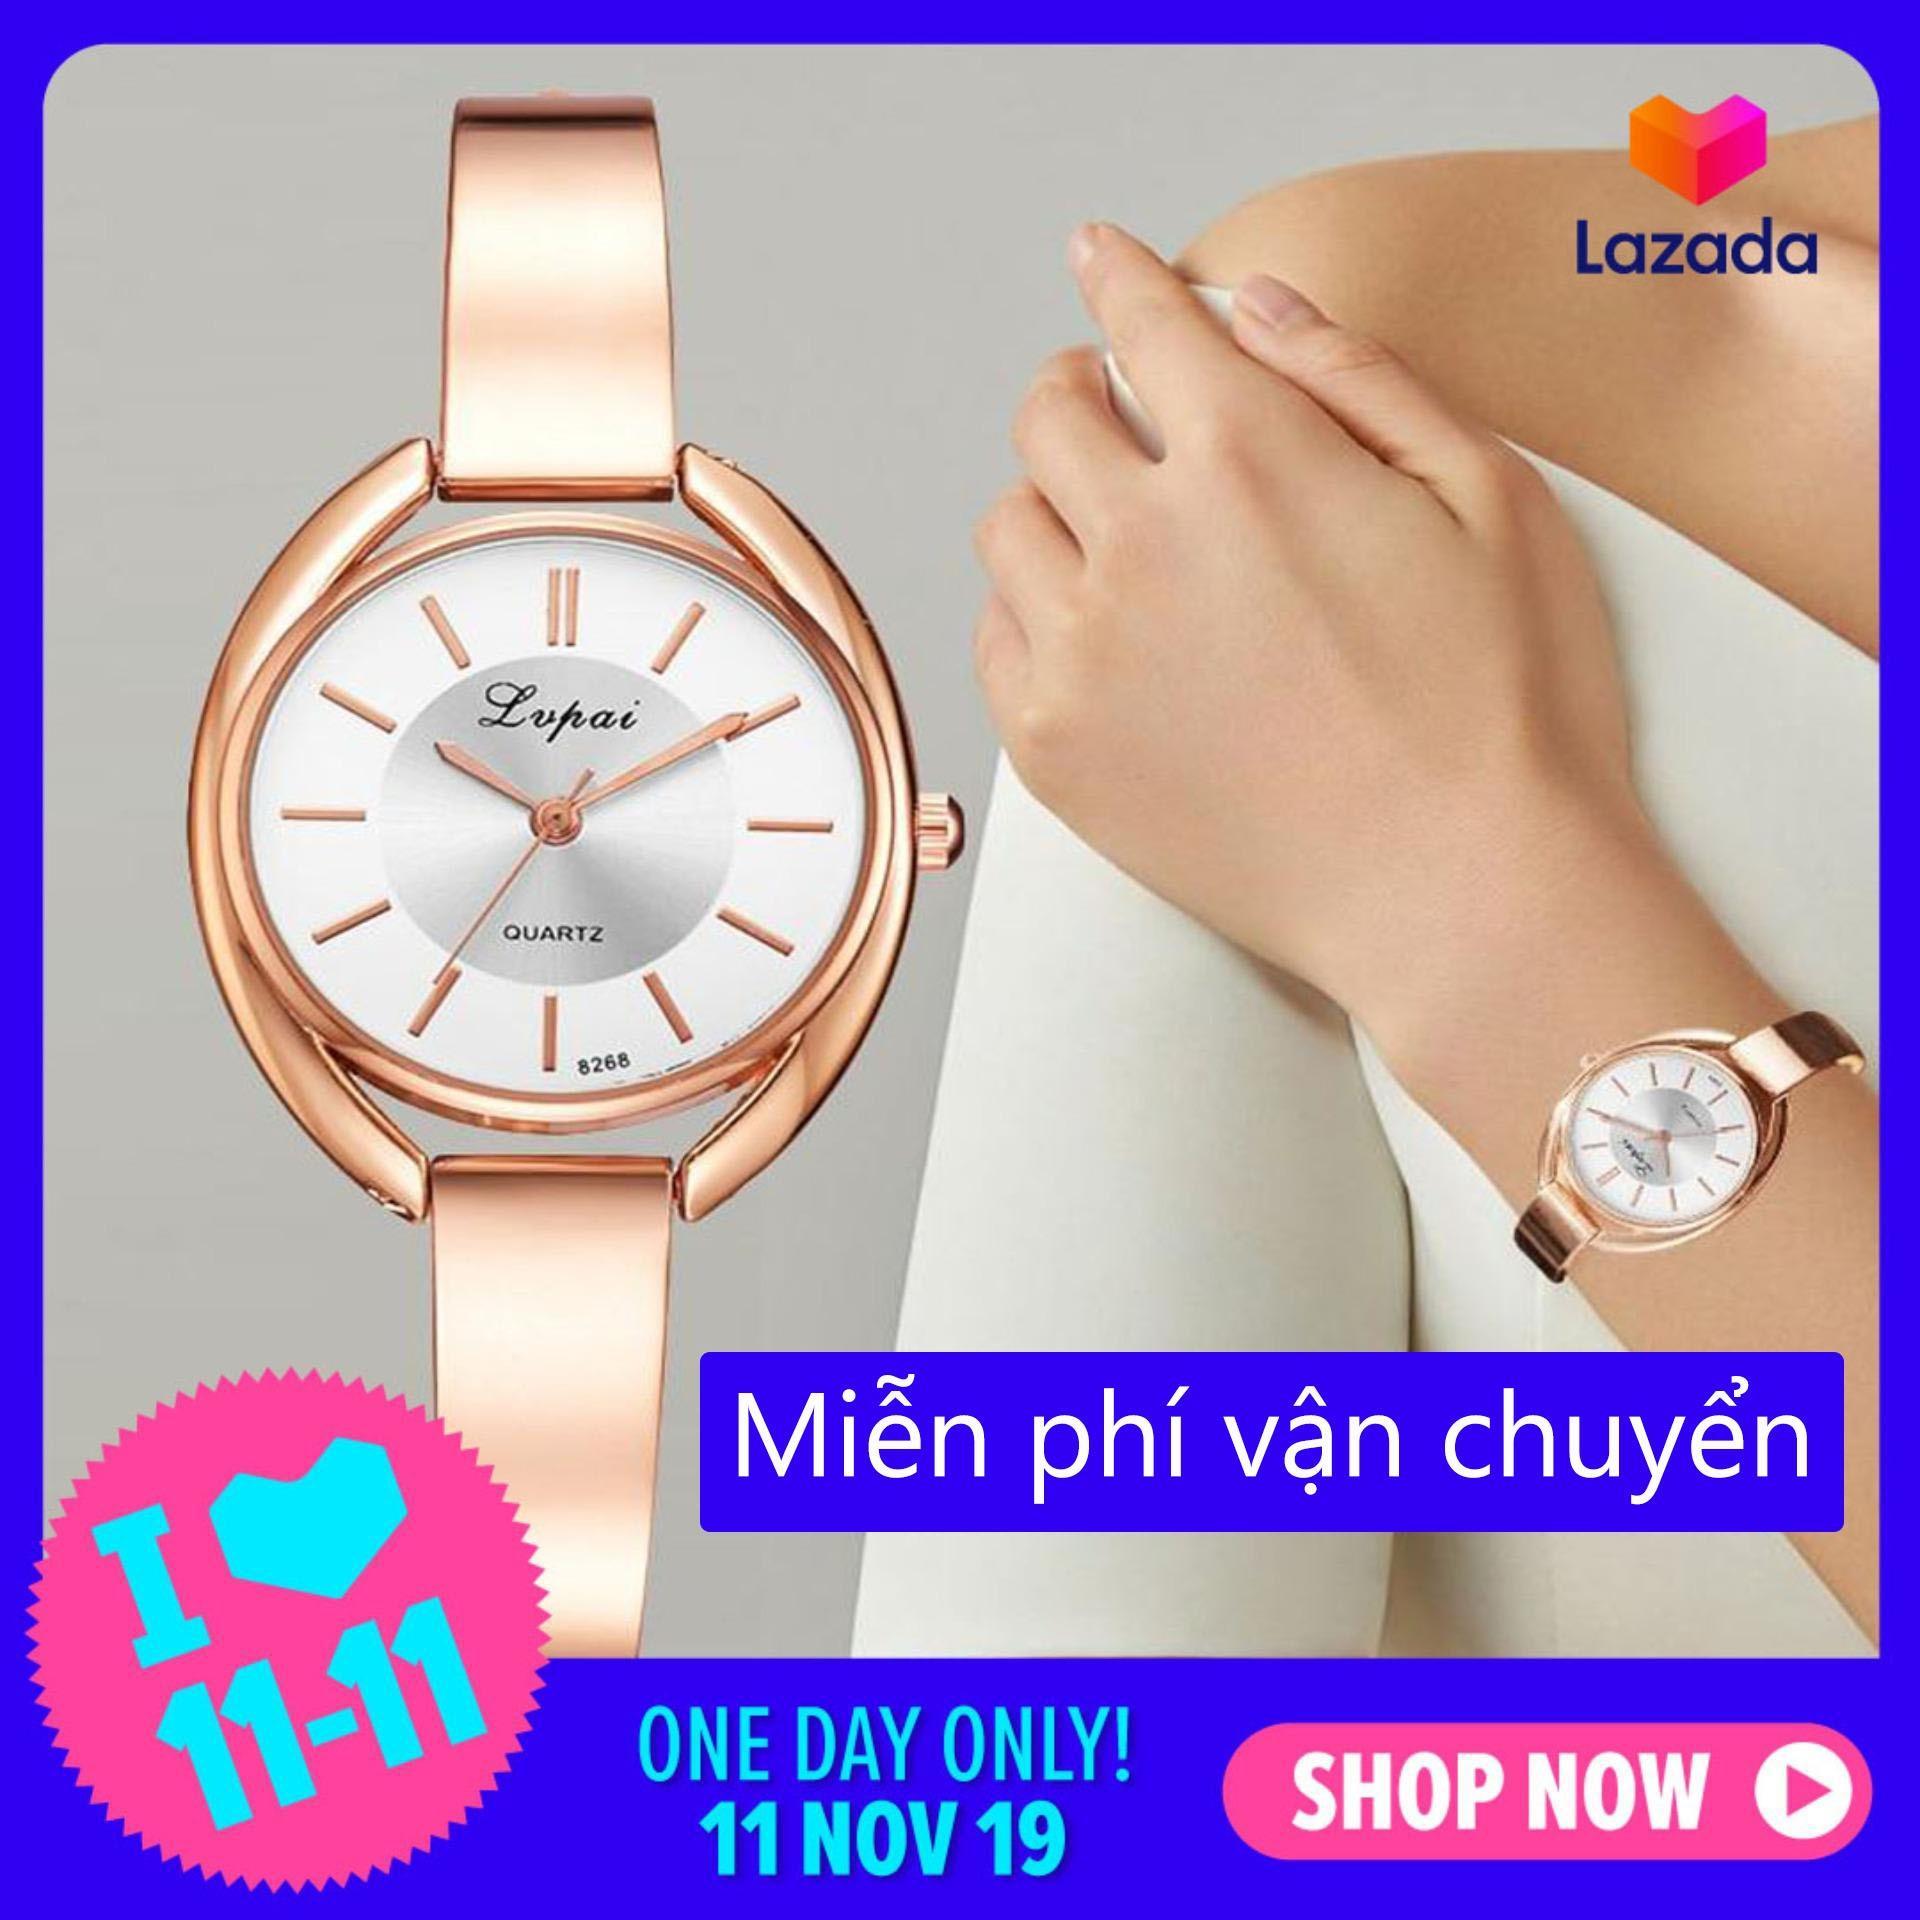 Nơi bán Đồng hồ nữ sang trọng thiết kế đơn giản nữ tính thời trang Hàn Quốc chất liệu thạch anh cao cấp- HZP